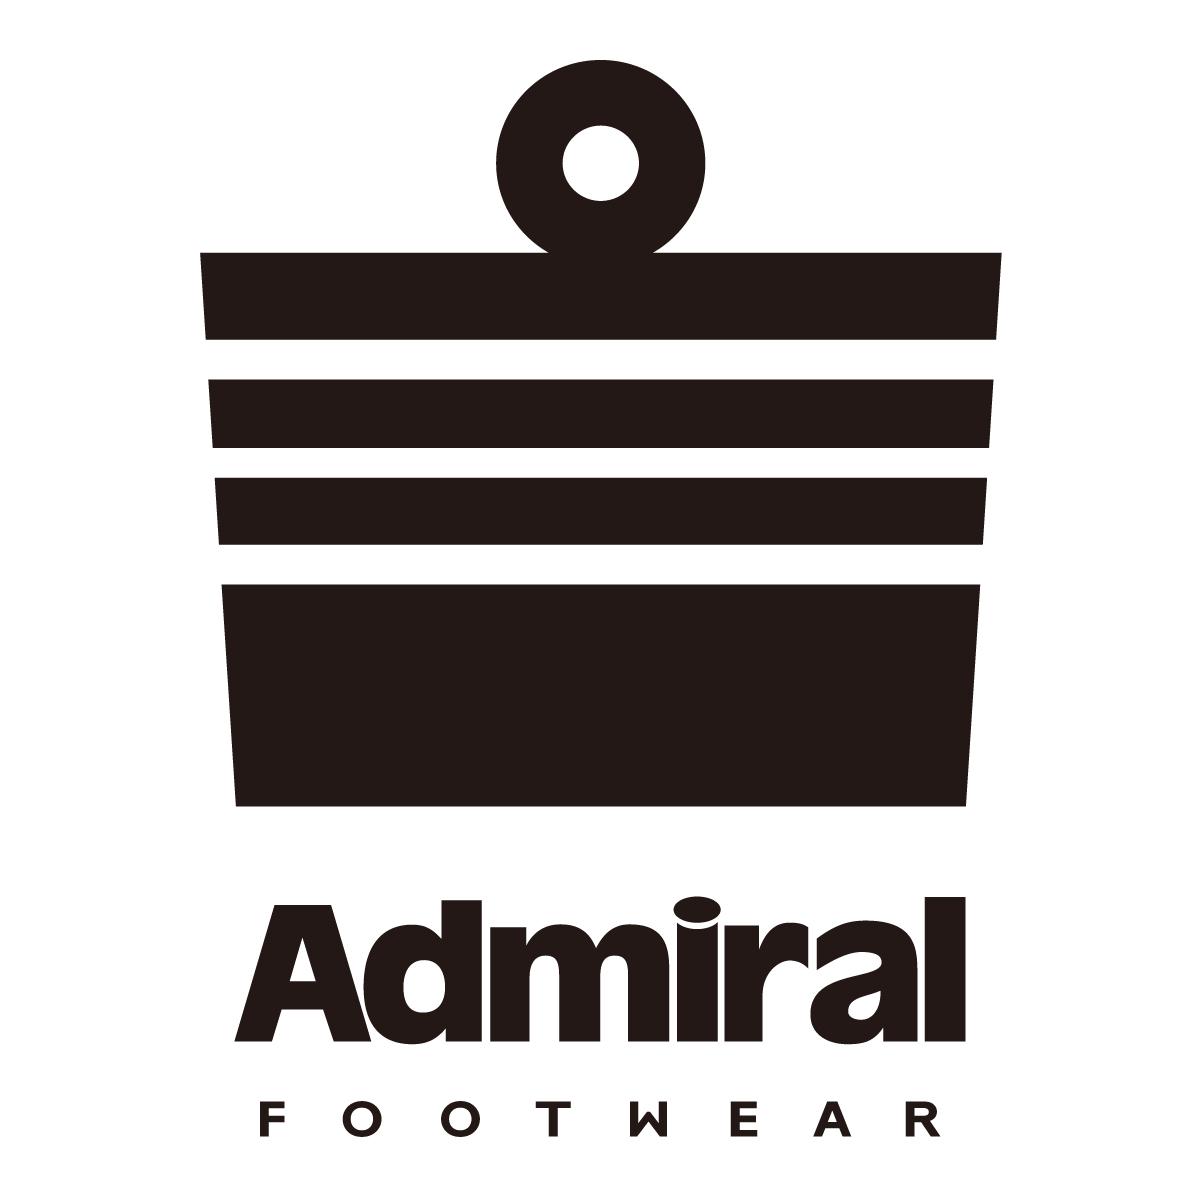 『Admiral』ZOZOTOWNショップイメージ